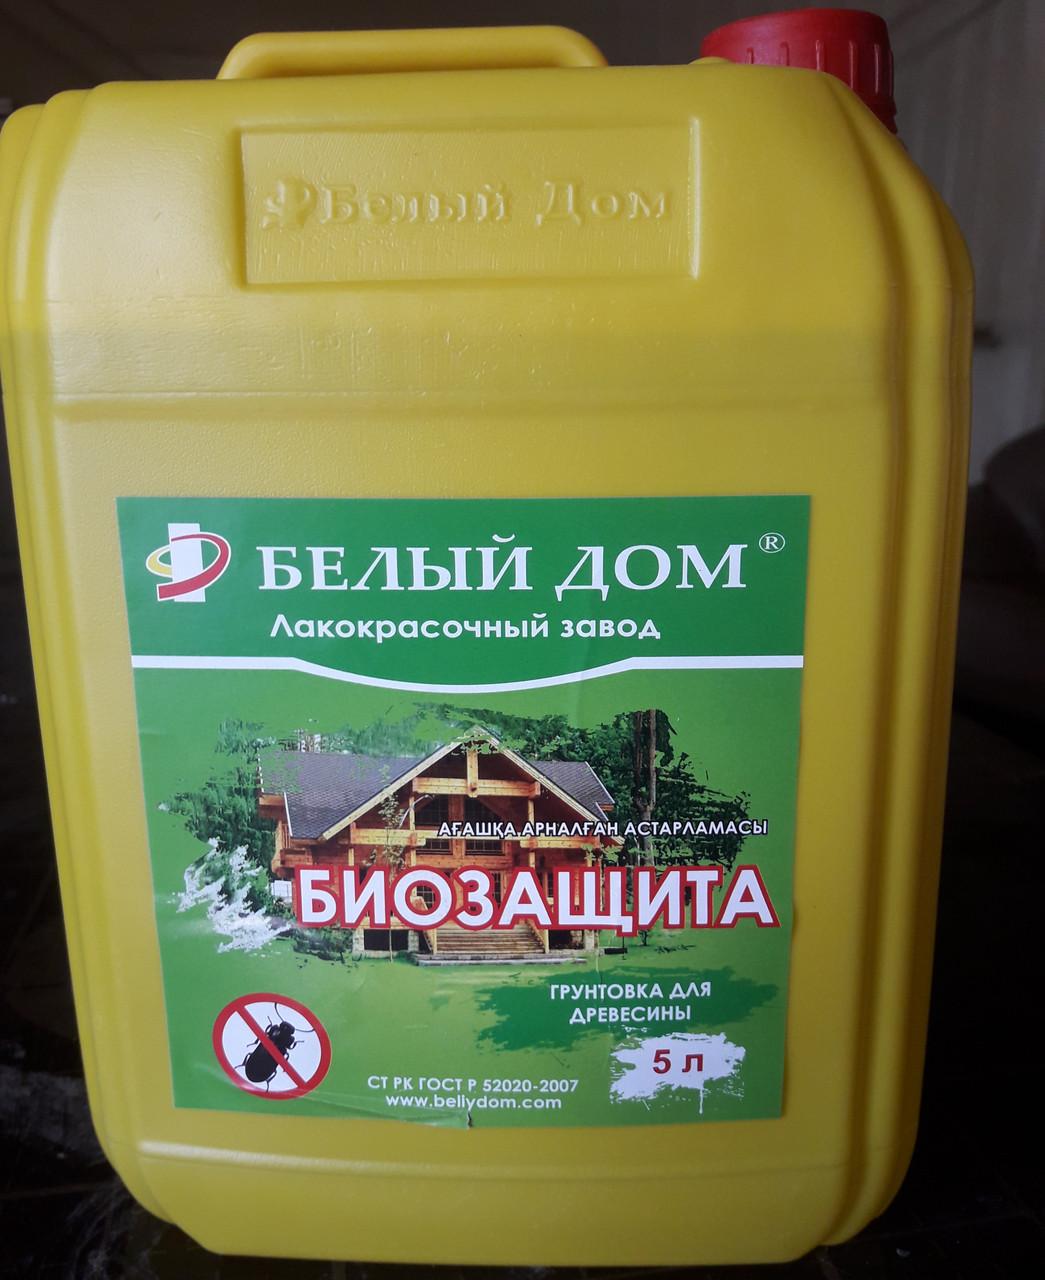 Биозащита 5 л.